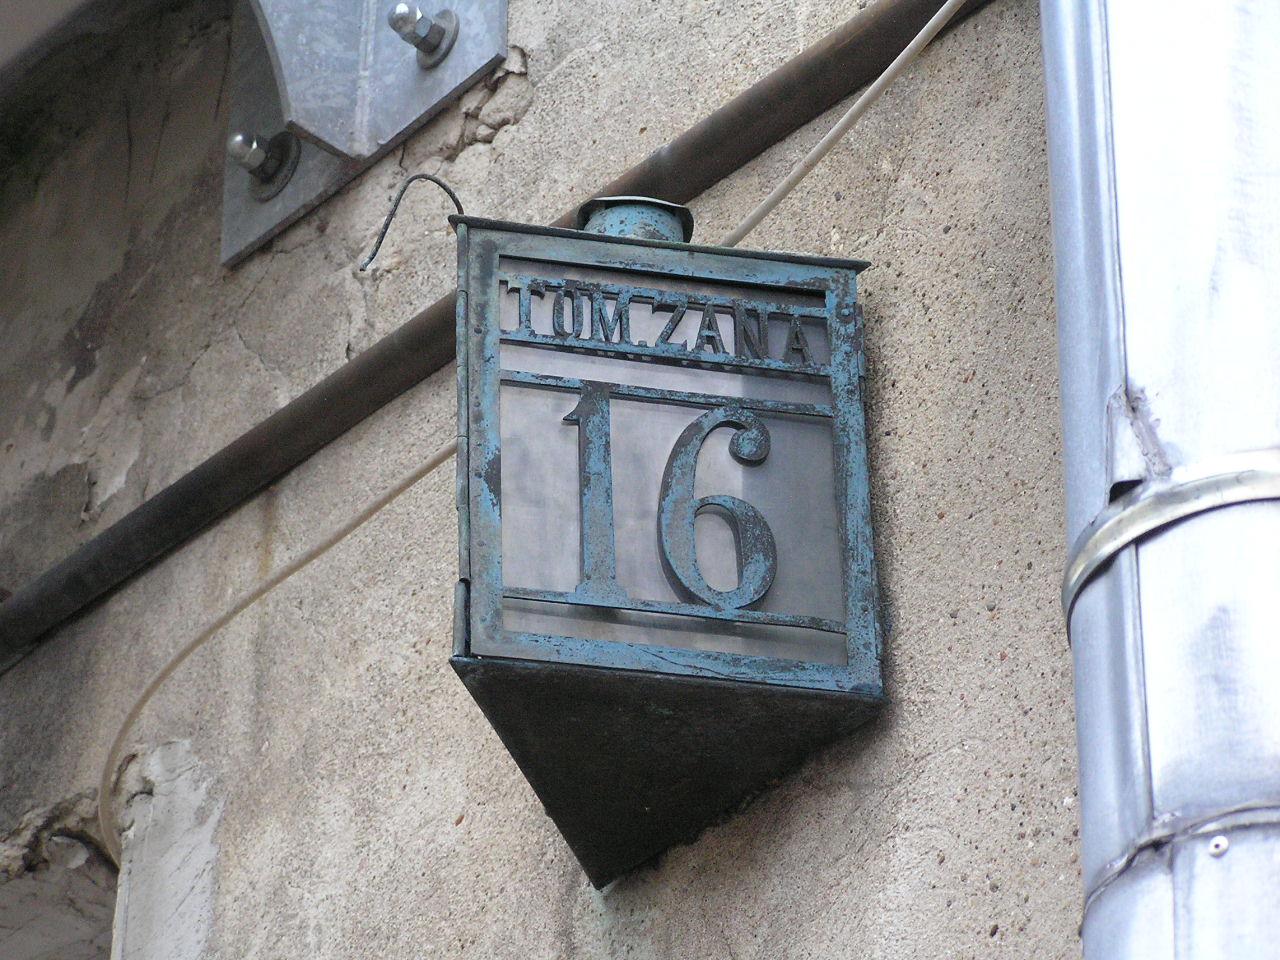 Latarenka adresowa - Zana 16